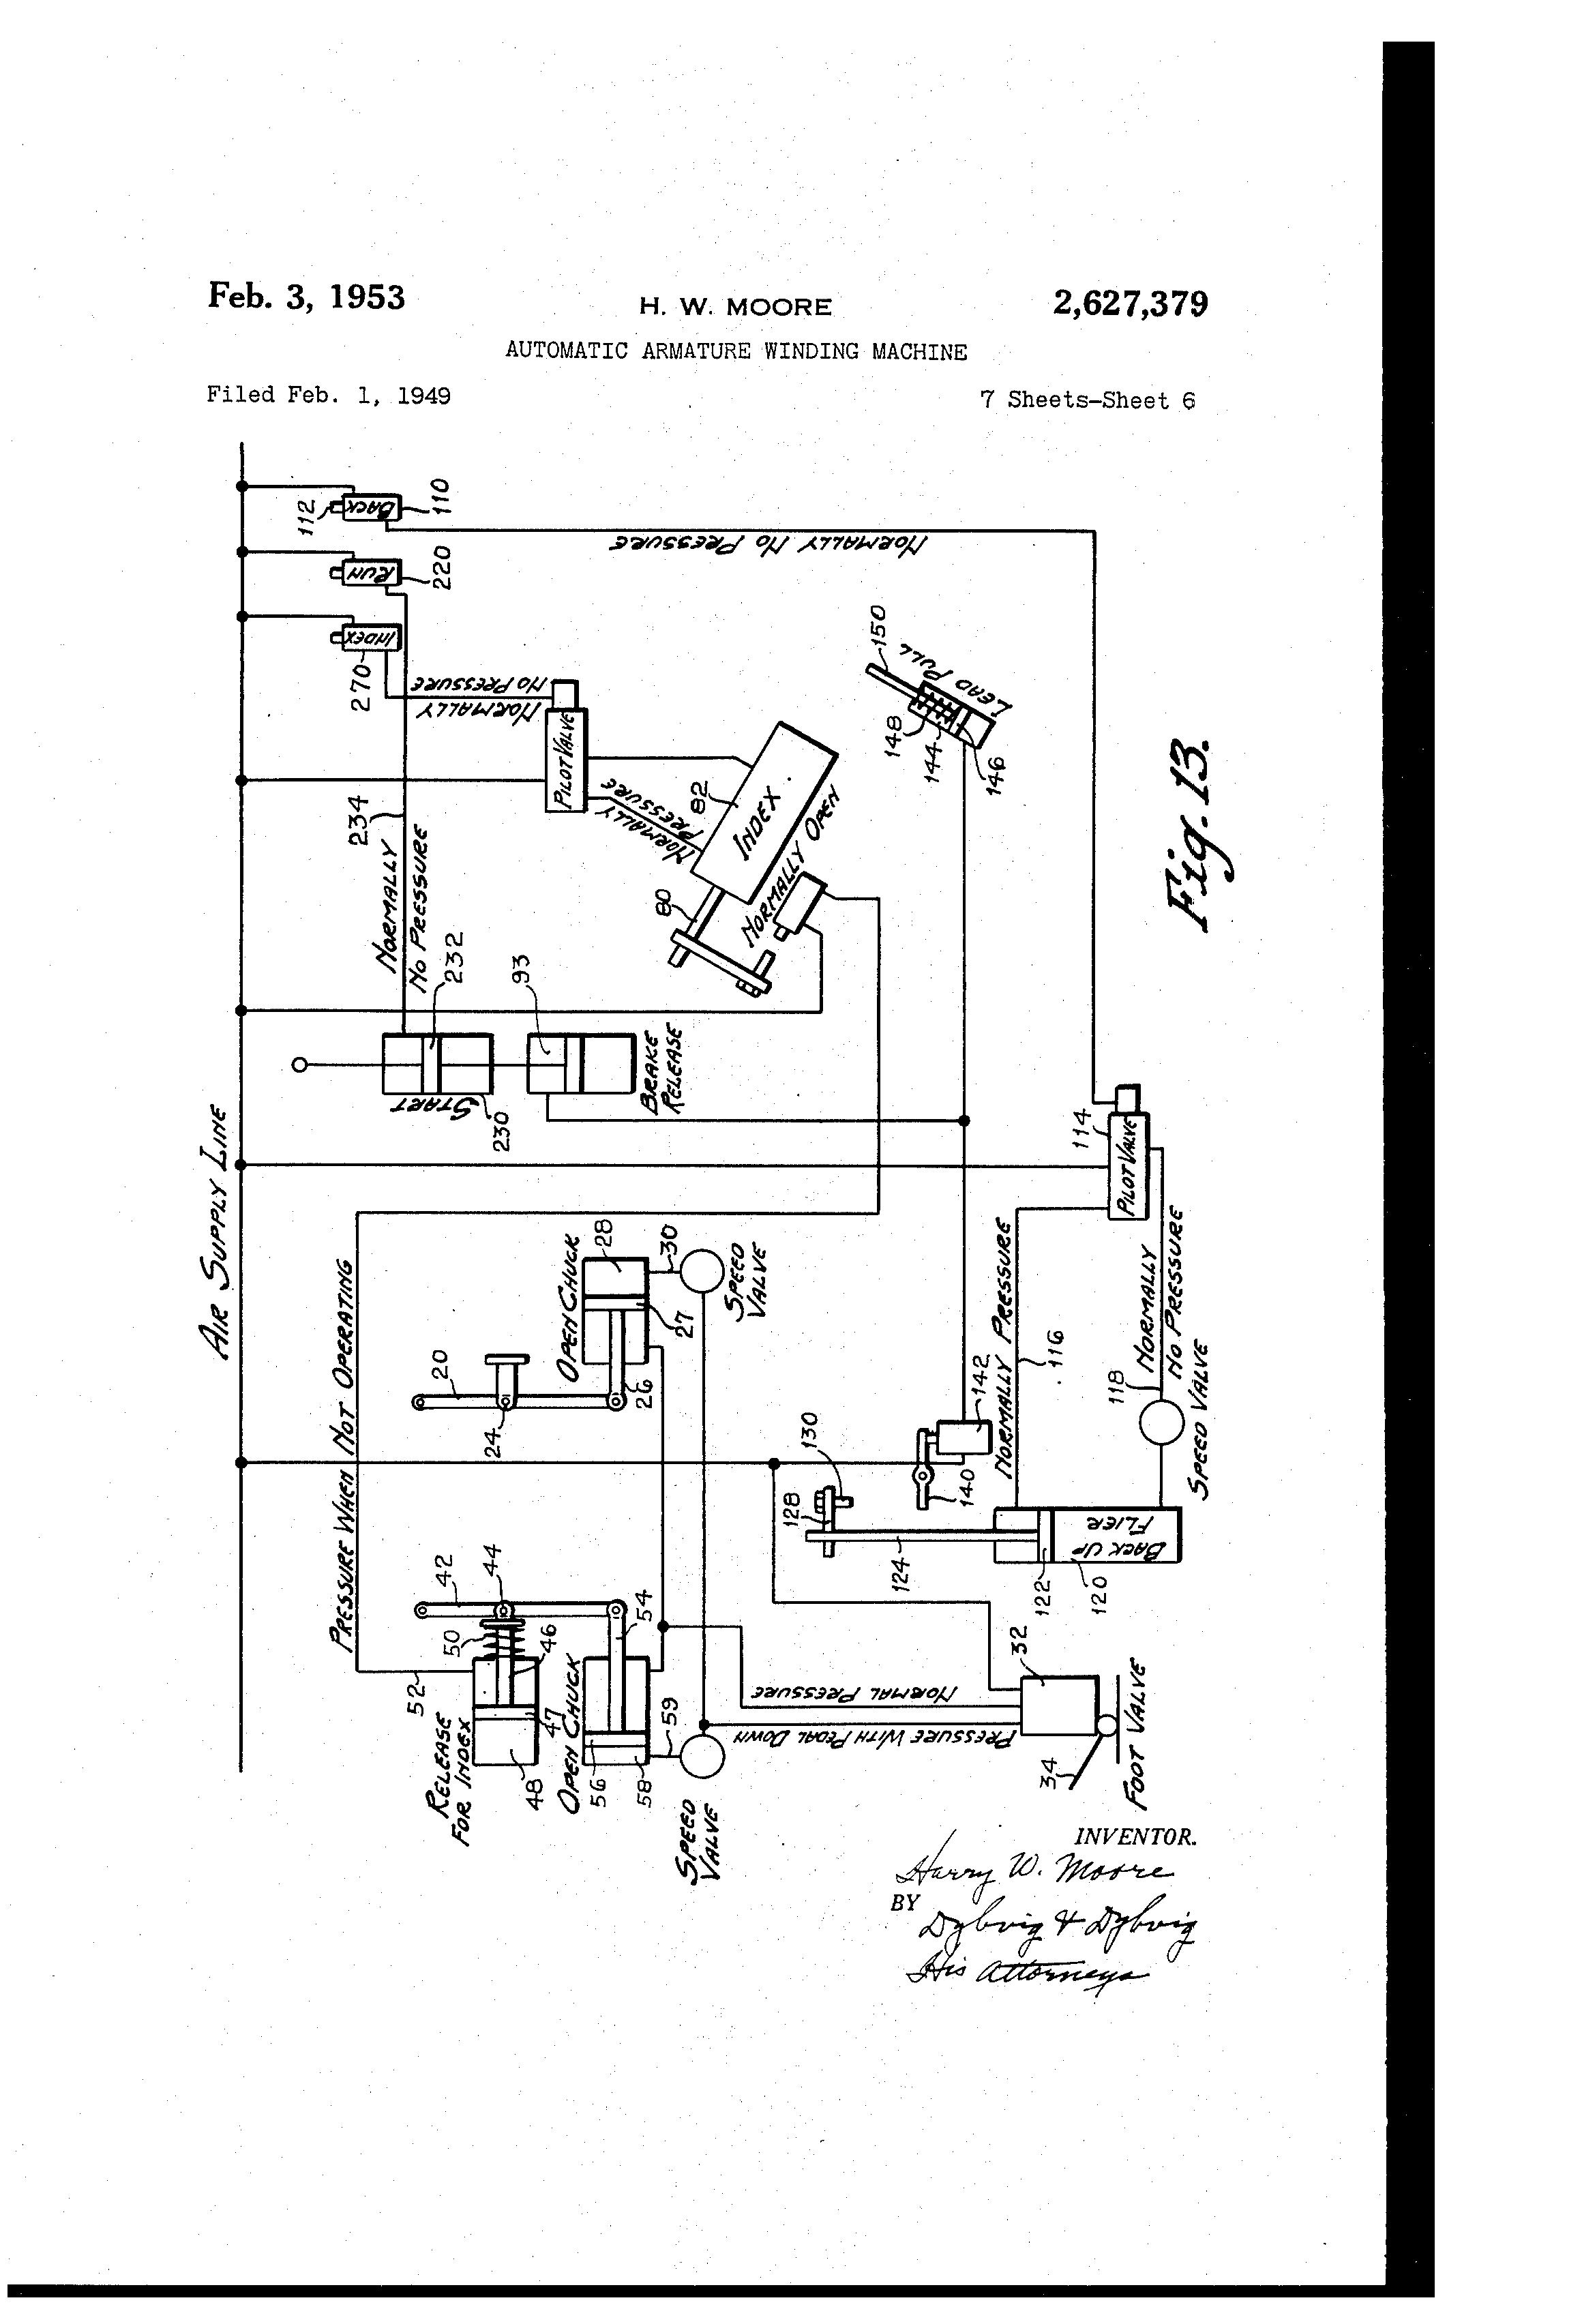 2000 bmw z3 radio wiring diagram wiring schematics and diagrams bmw z3 radio wiring harness diagram diagrams collection